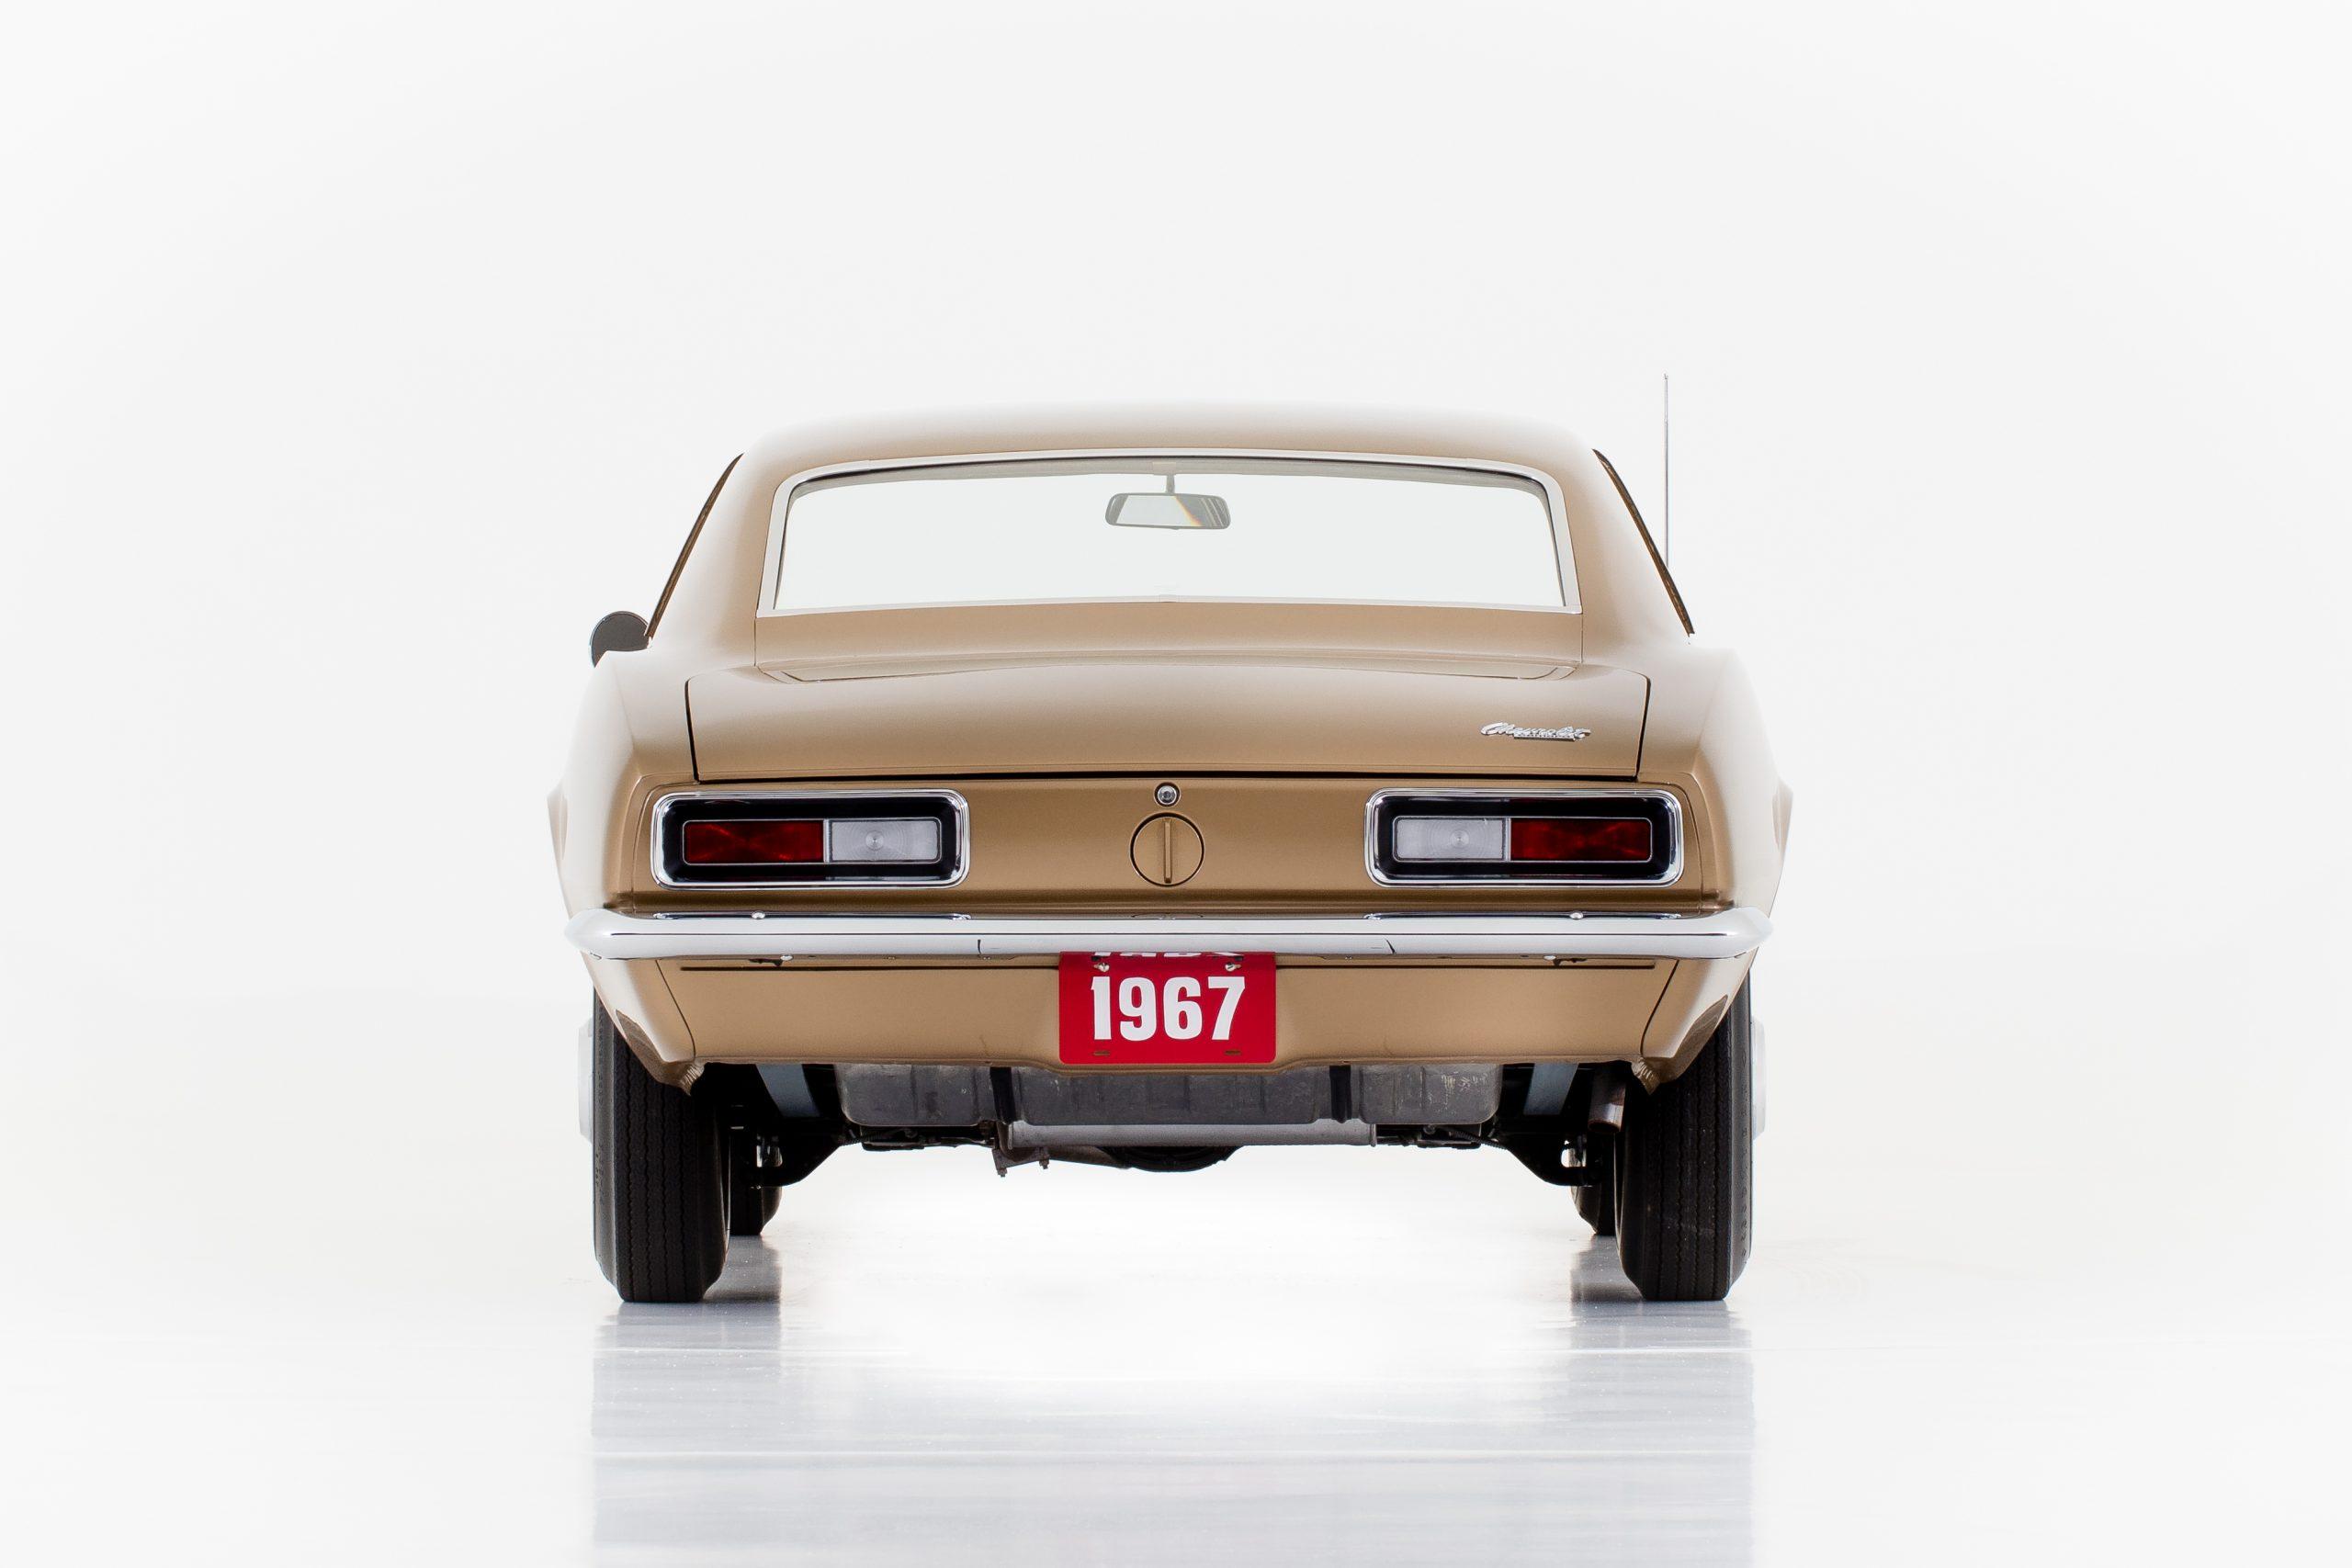 HVA - Chevrolet Camaro N100001 - full rear in studio